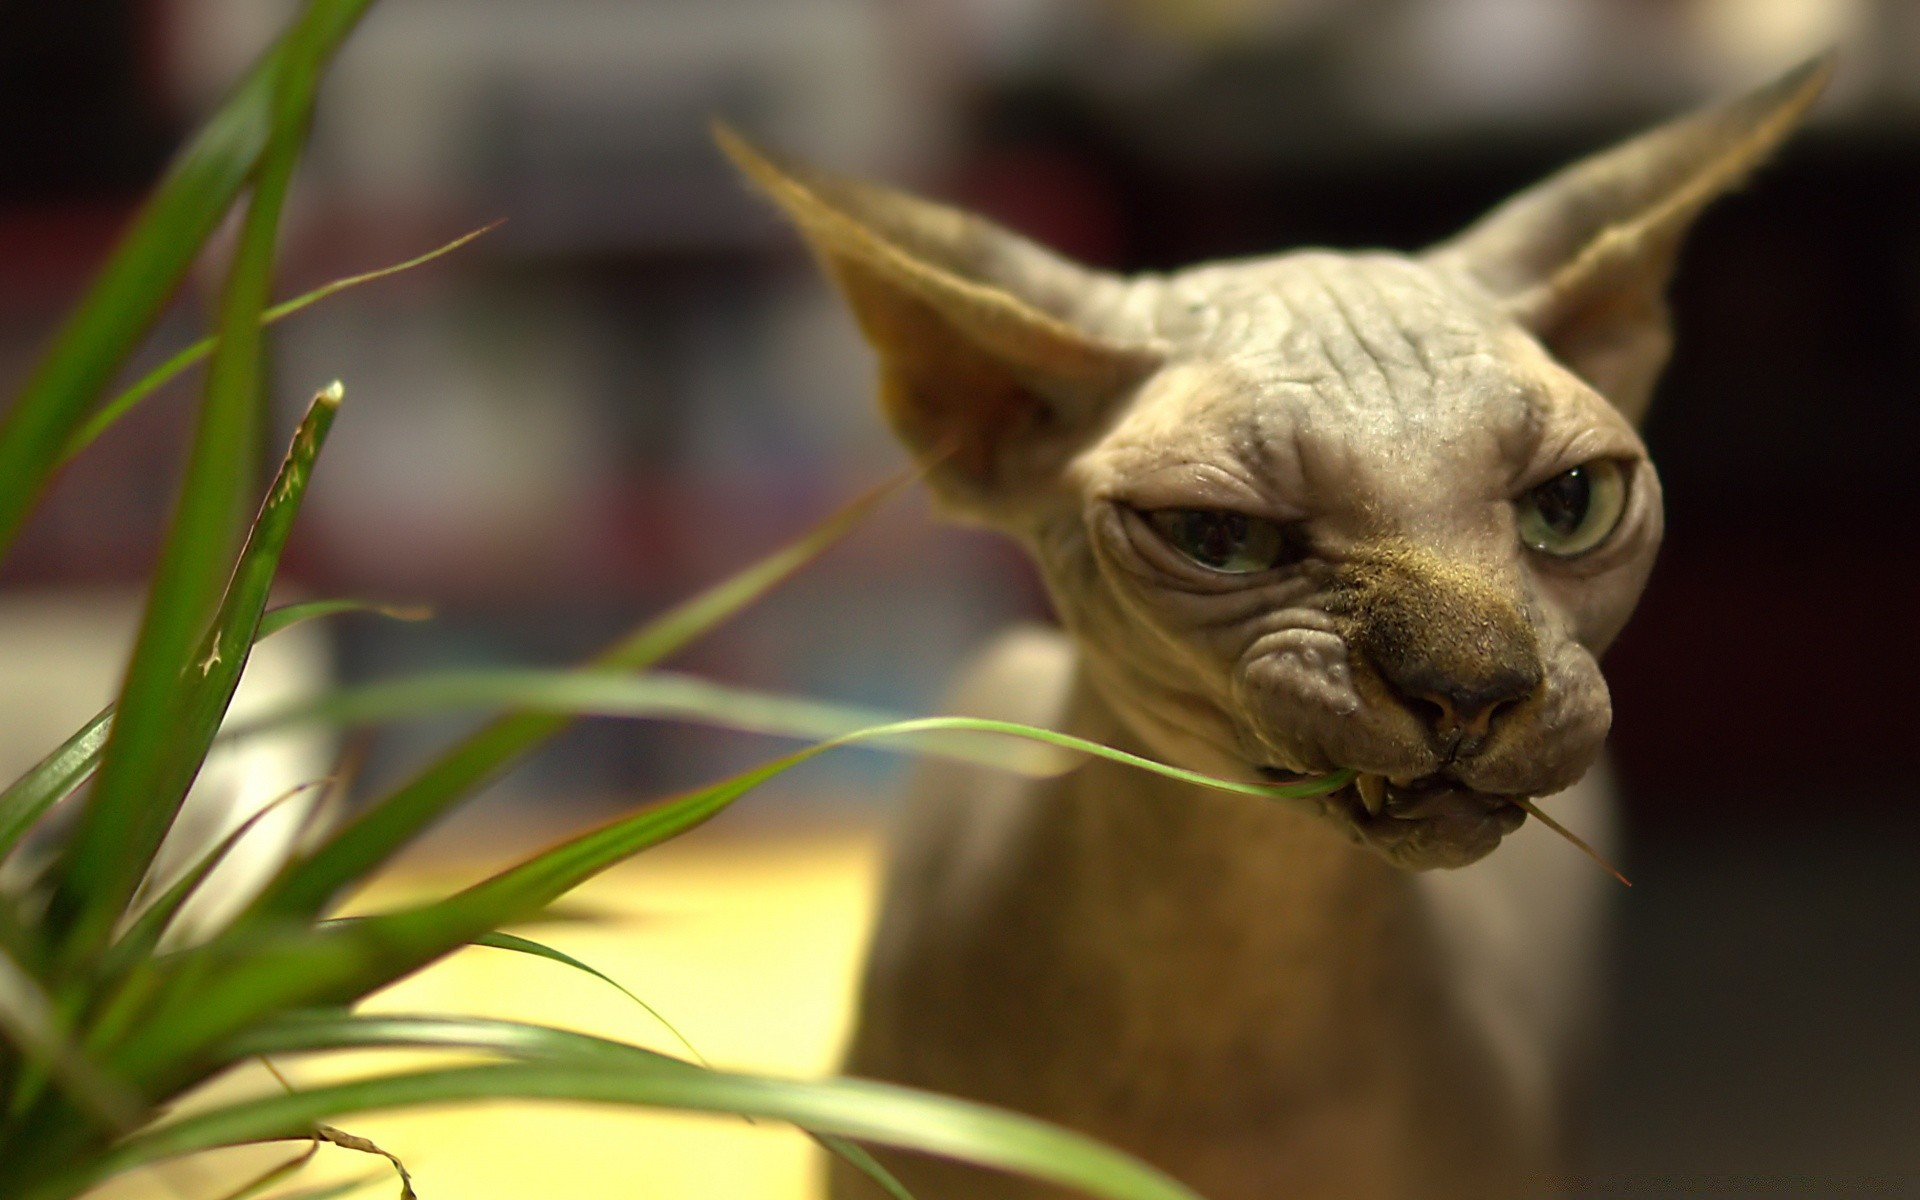 Картинки кошек на рабочий стол прикольные